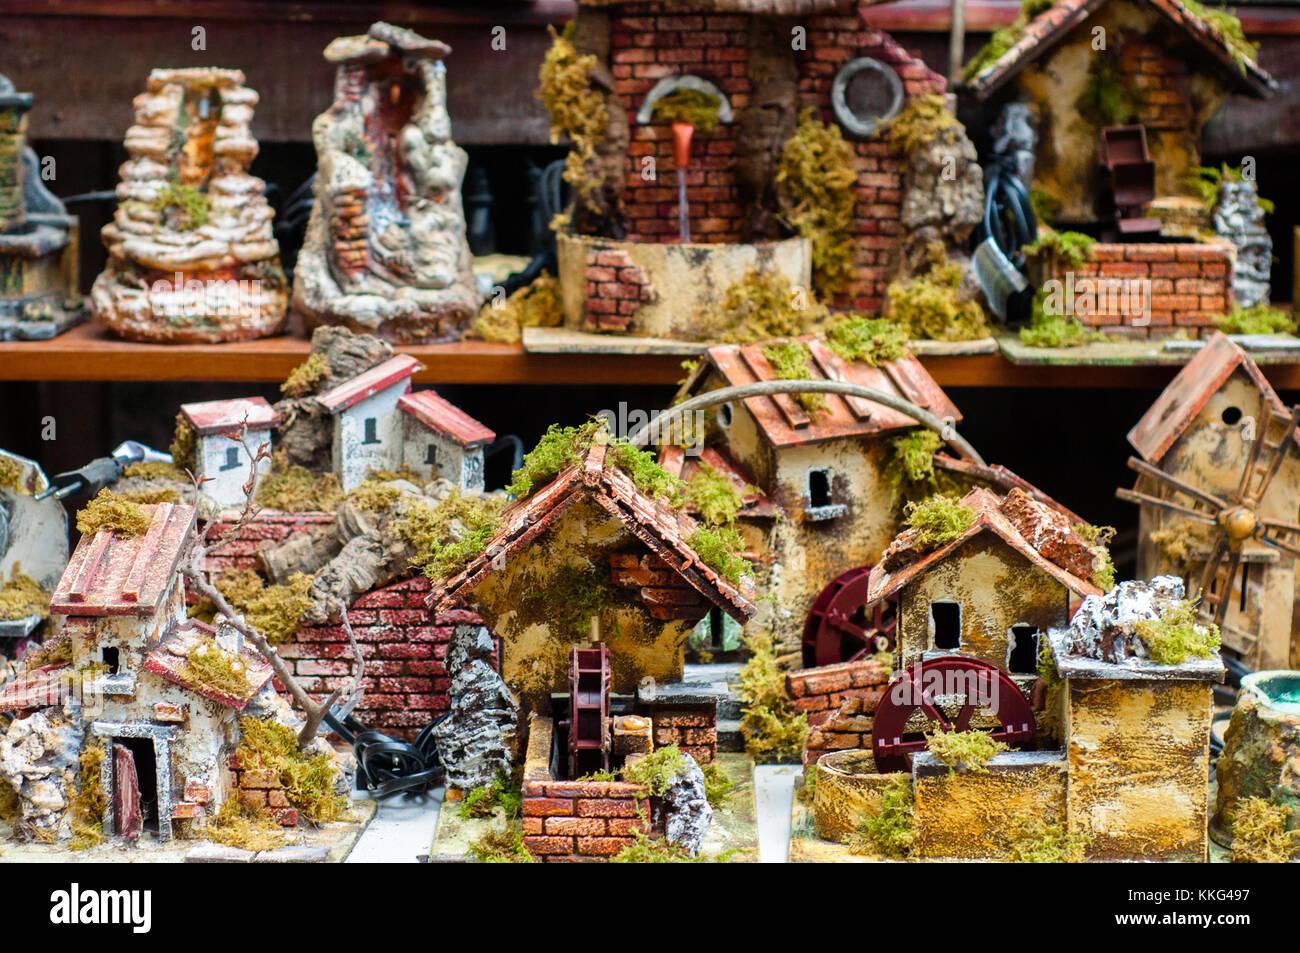 Via San Gregorio Armeno in Naples: street of the nativity scene makers - Stock Image